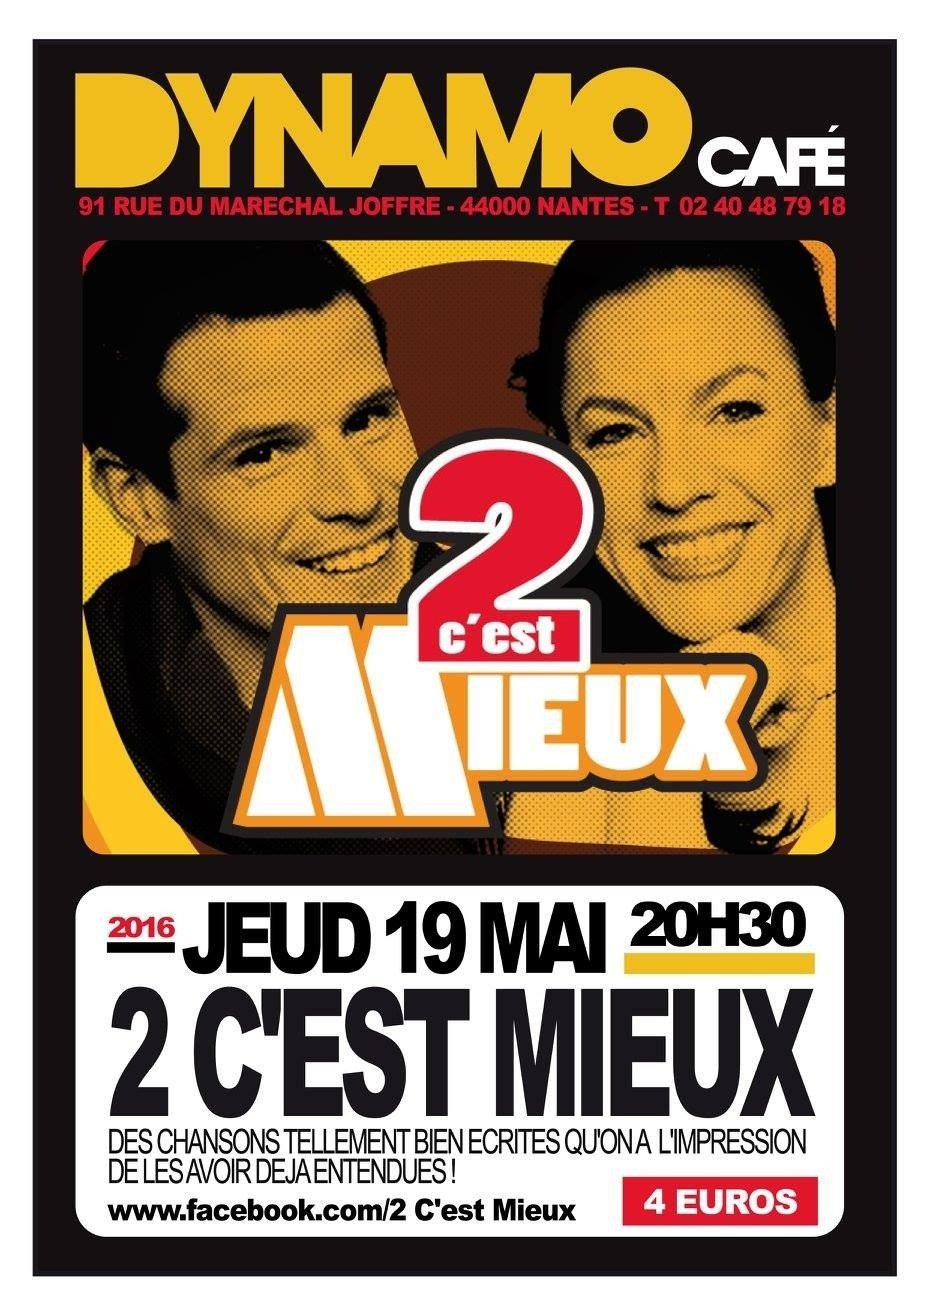 2 c'est mieux! Nantes